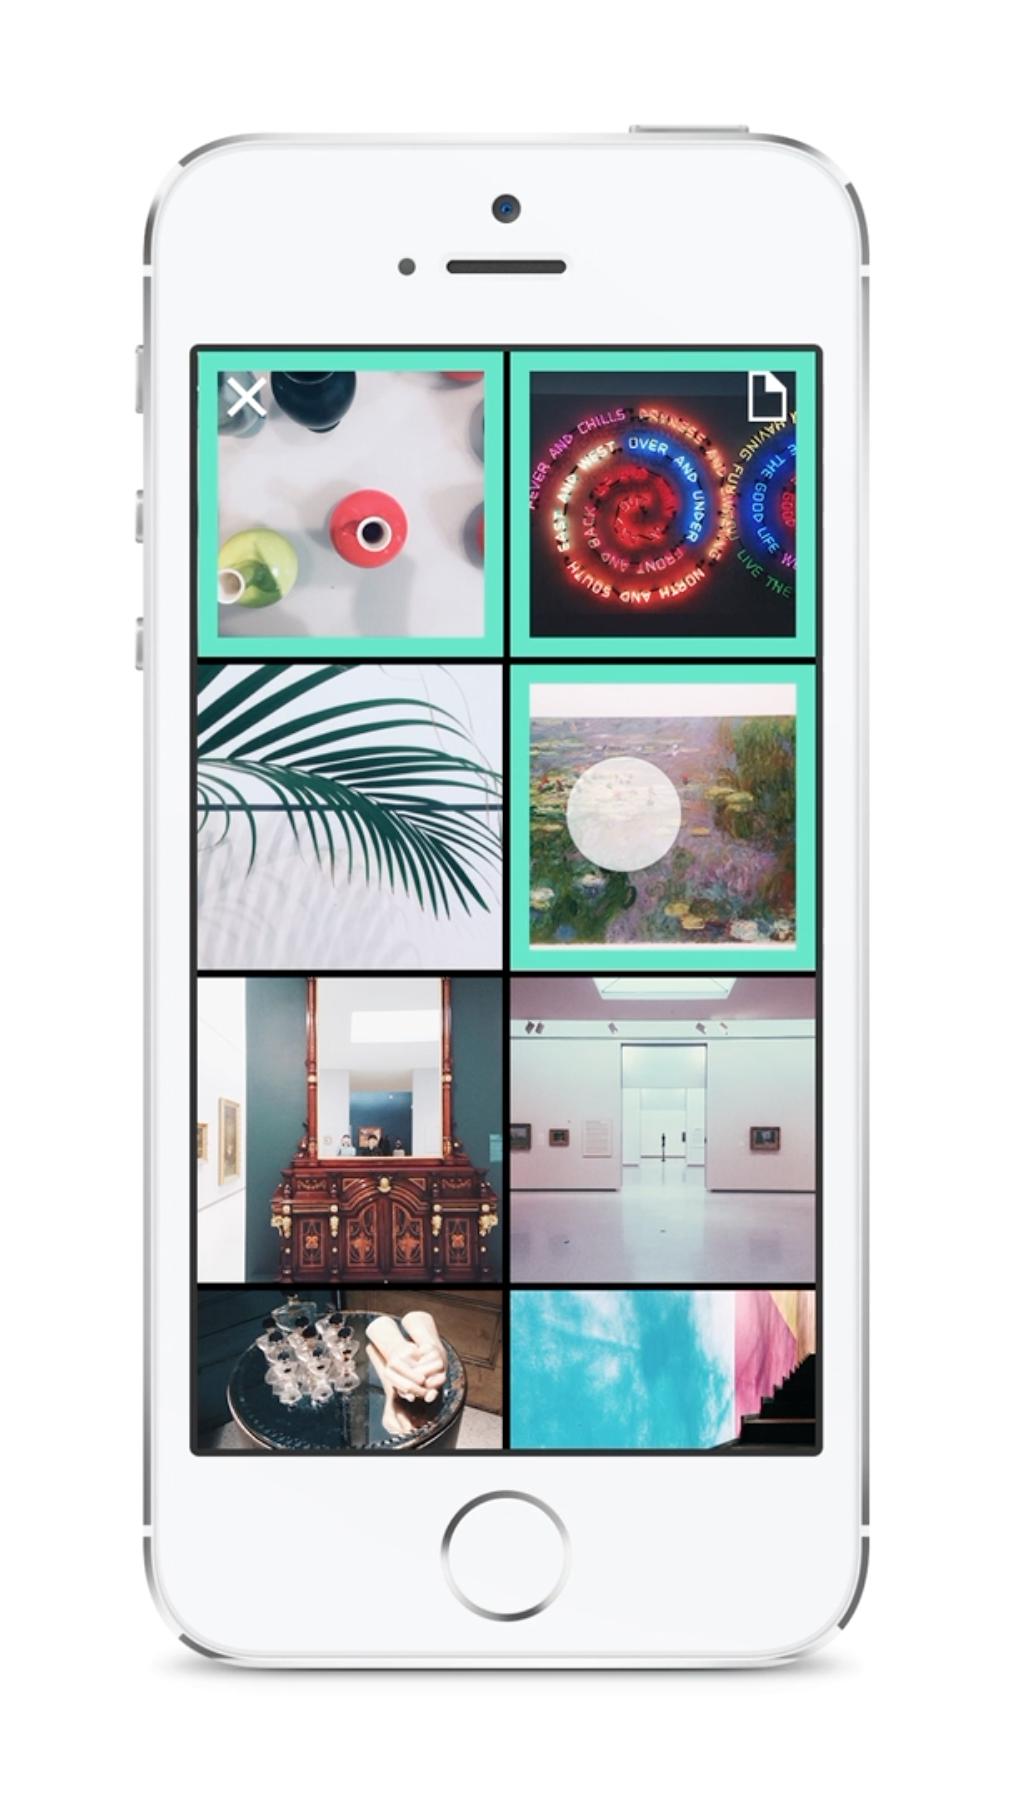 Screen Shot 2014-12-11 at 1.17.59 AM.png